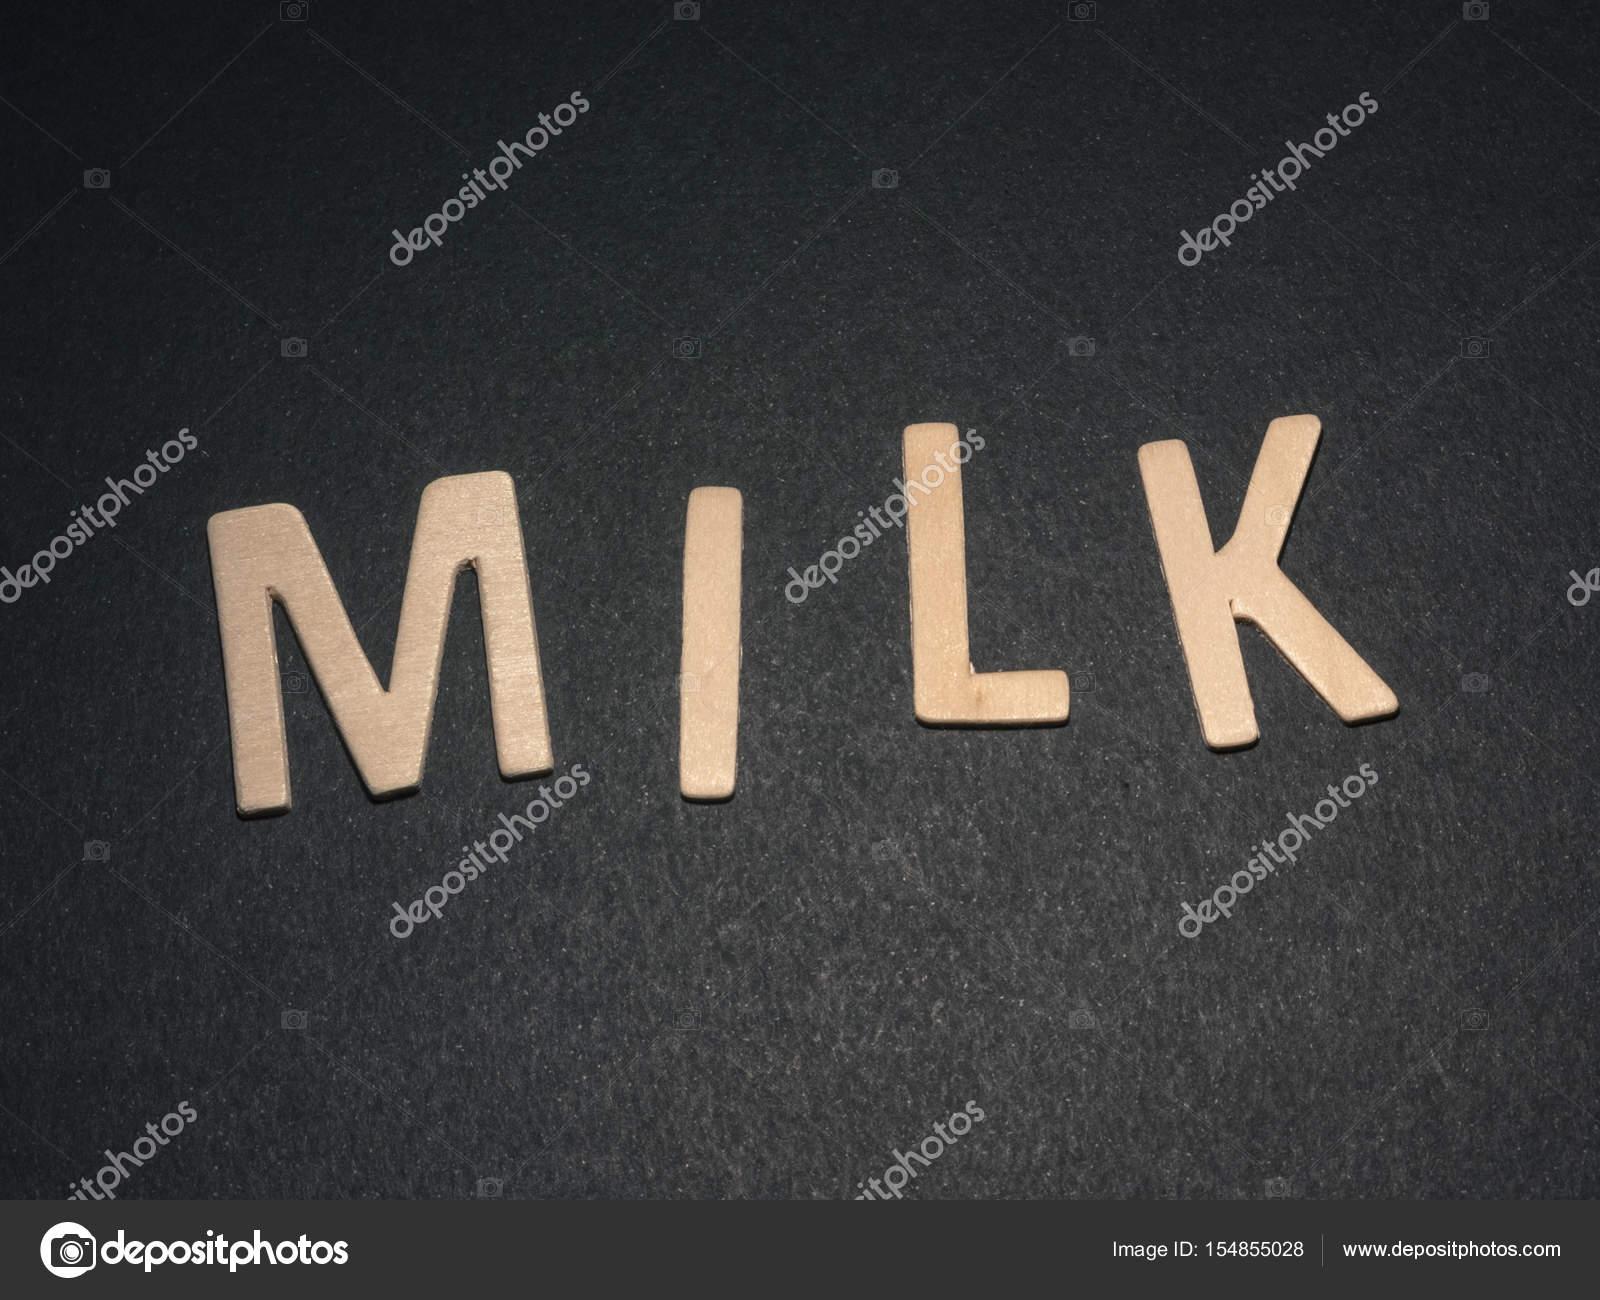 Lettere Di Legno Colorate : Latte scritti con lettere di legno colorate su sfondo nero u2014 foto